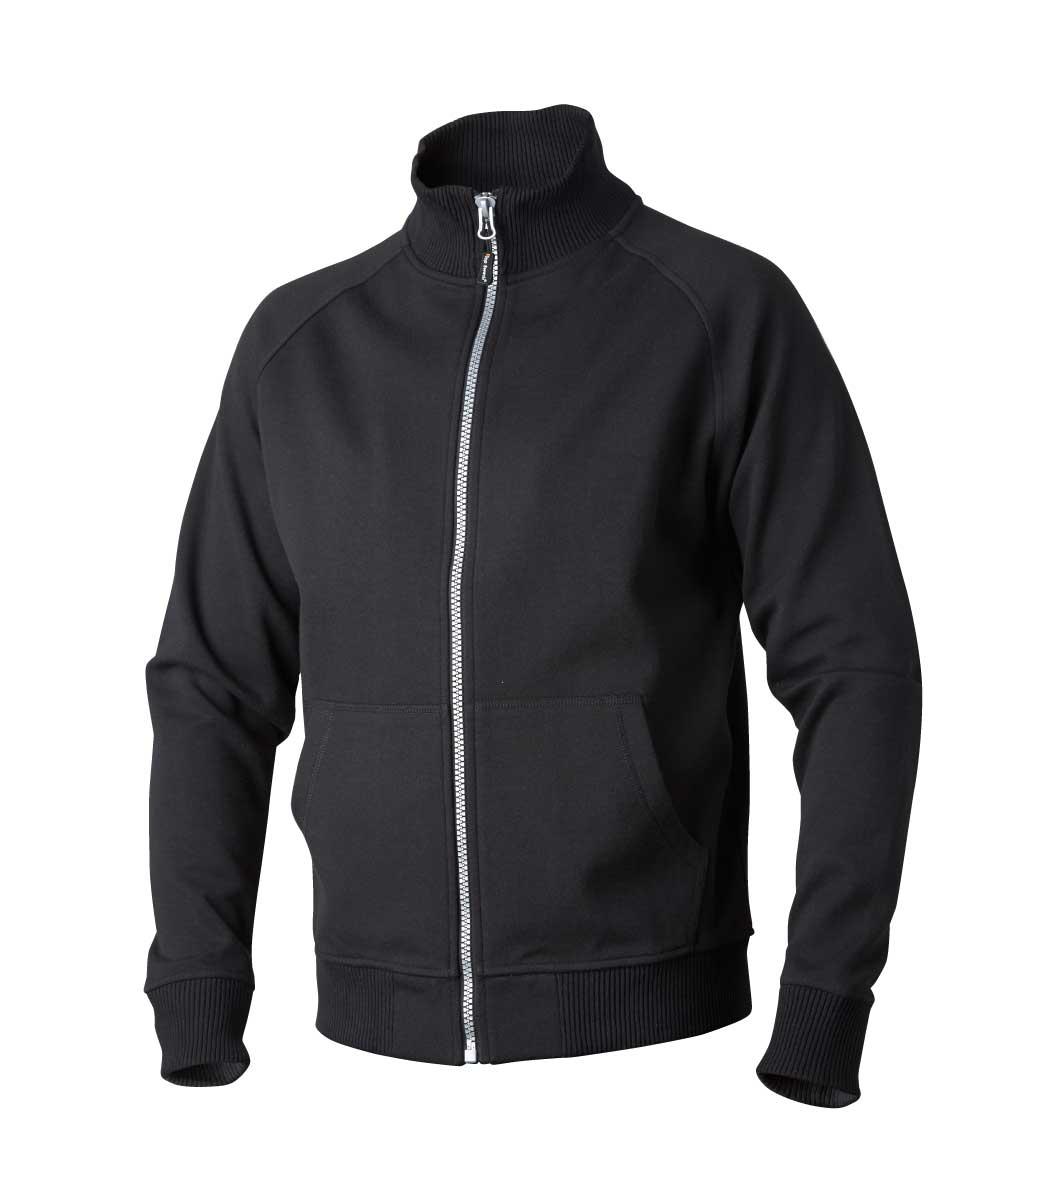 7e9095fd Svart jakke i 80% bomull ~ Ezzenza.no Arbeidsklær